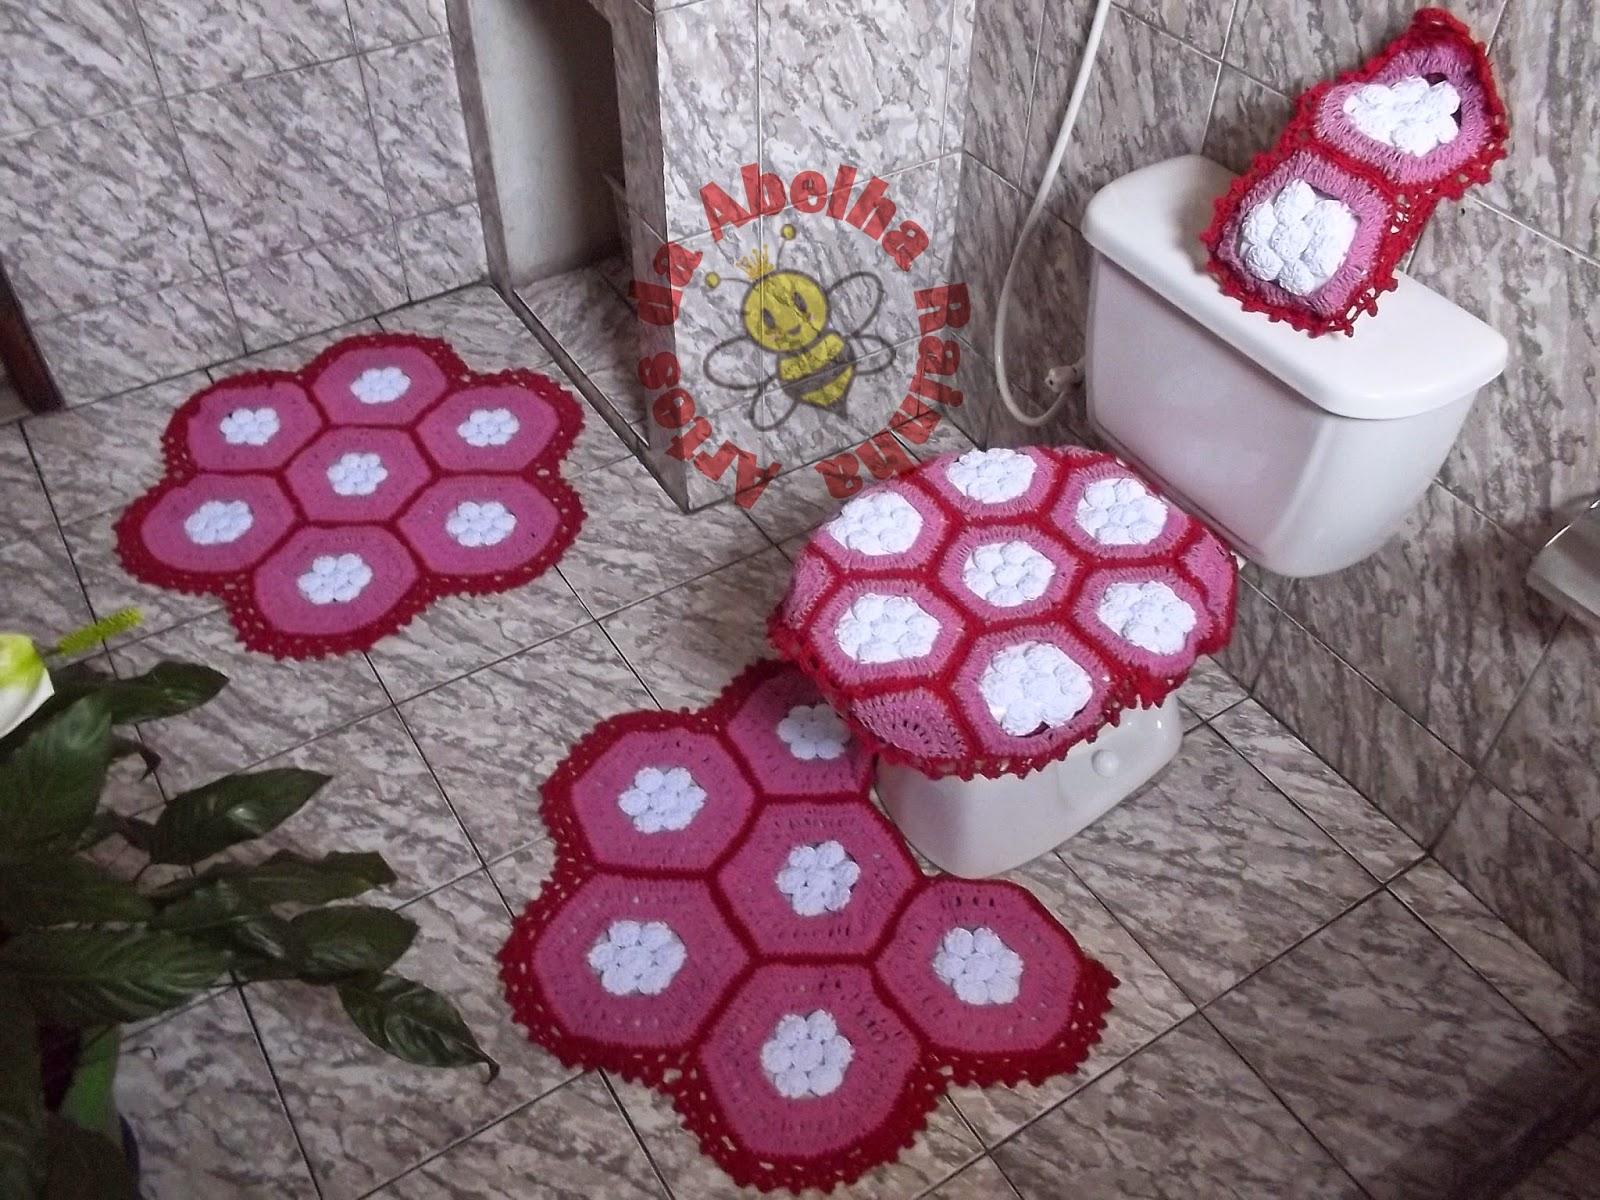 Jogo de banheiro de crochê em barbante vermelho rosa e branco #6E2E3D 1600x1200 Banheiro Branco Com Detalhe Vermelho